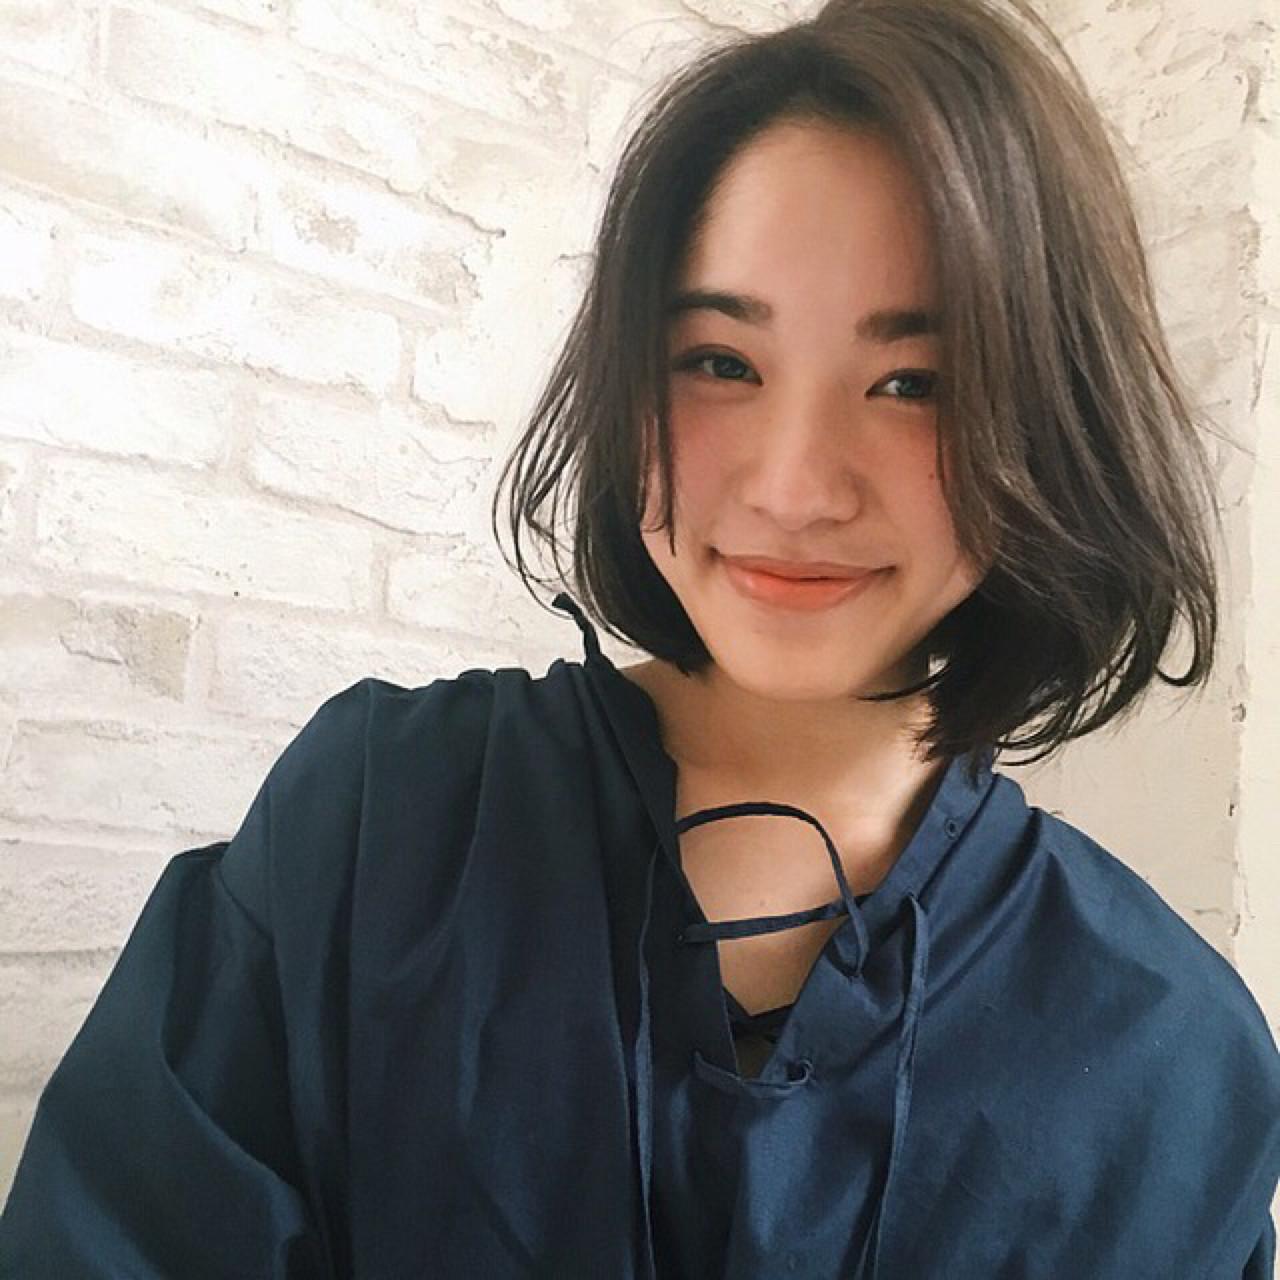 こなれ感 小顔 ミルクティー ナチュラル ヘアスタイルや髪型の写真・画像 | joemi 大久保 瞳 / Joemi by Un ami(ジョエミ バイ アンアミ)